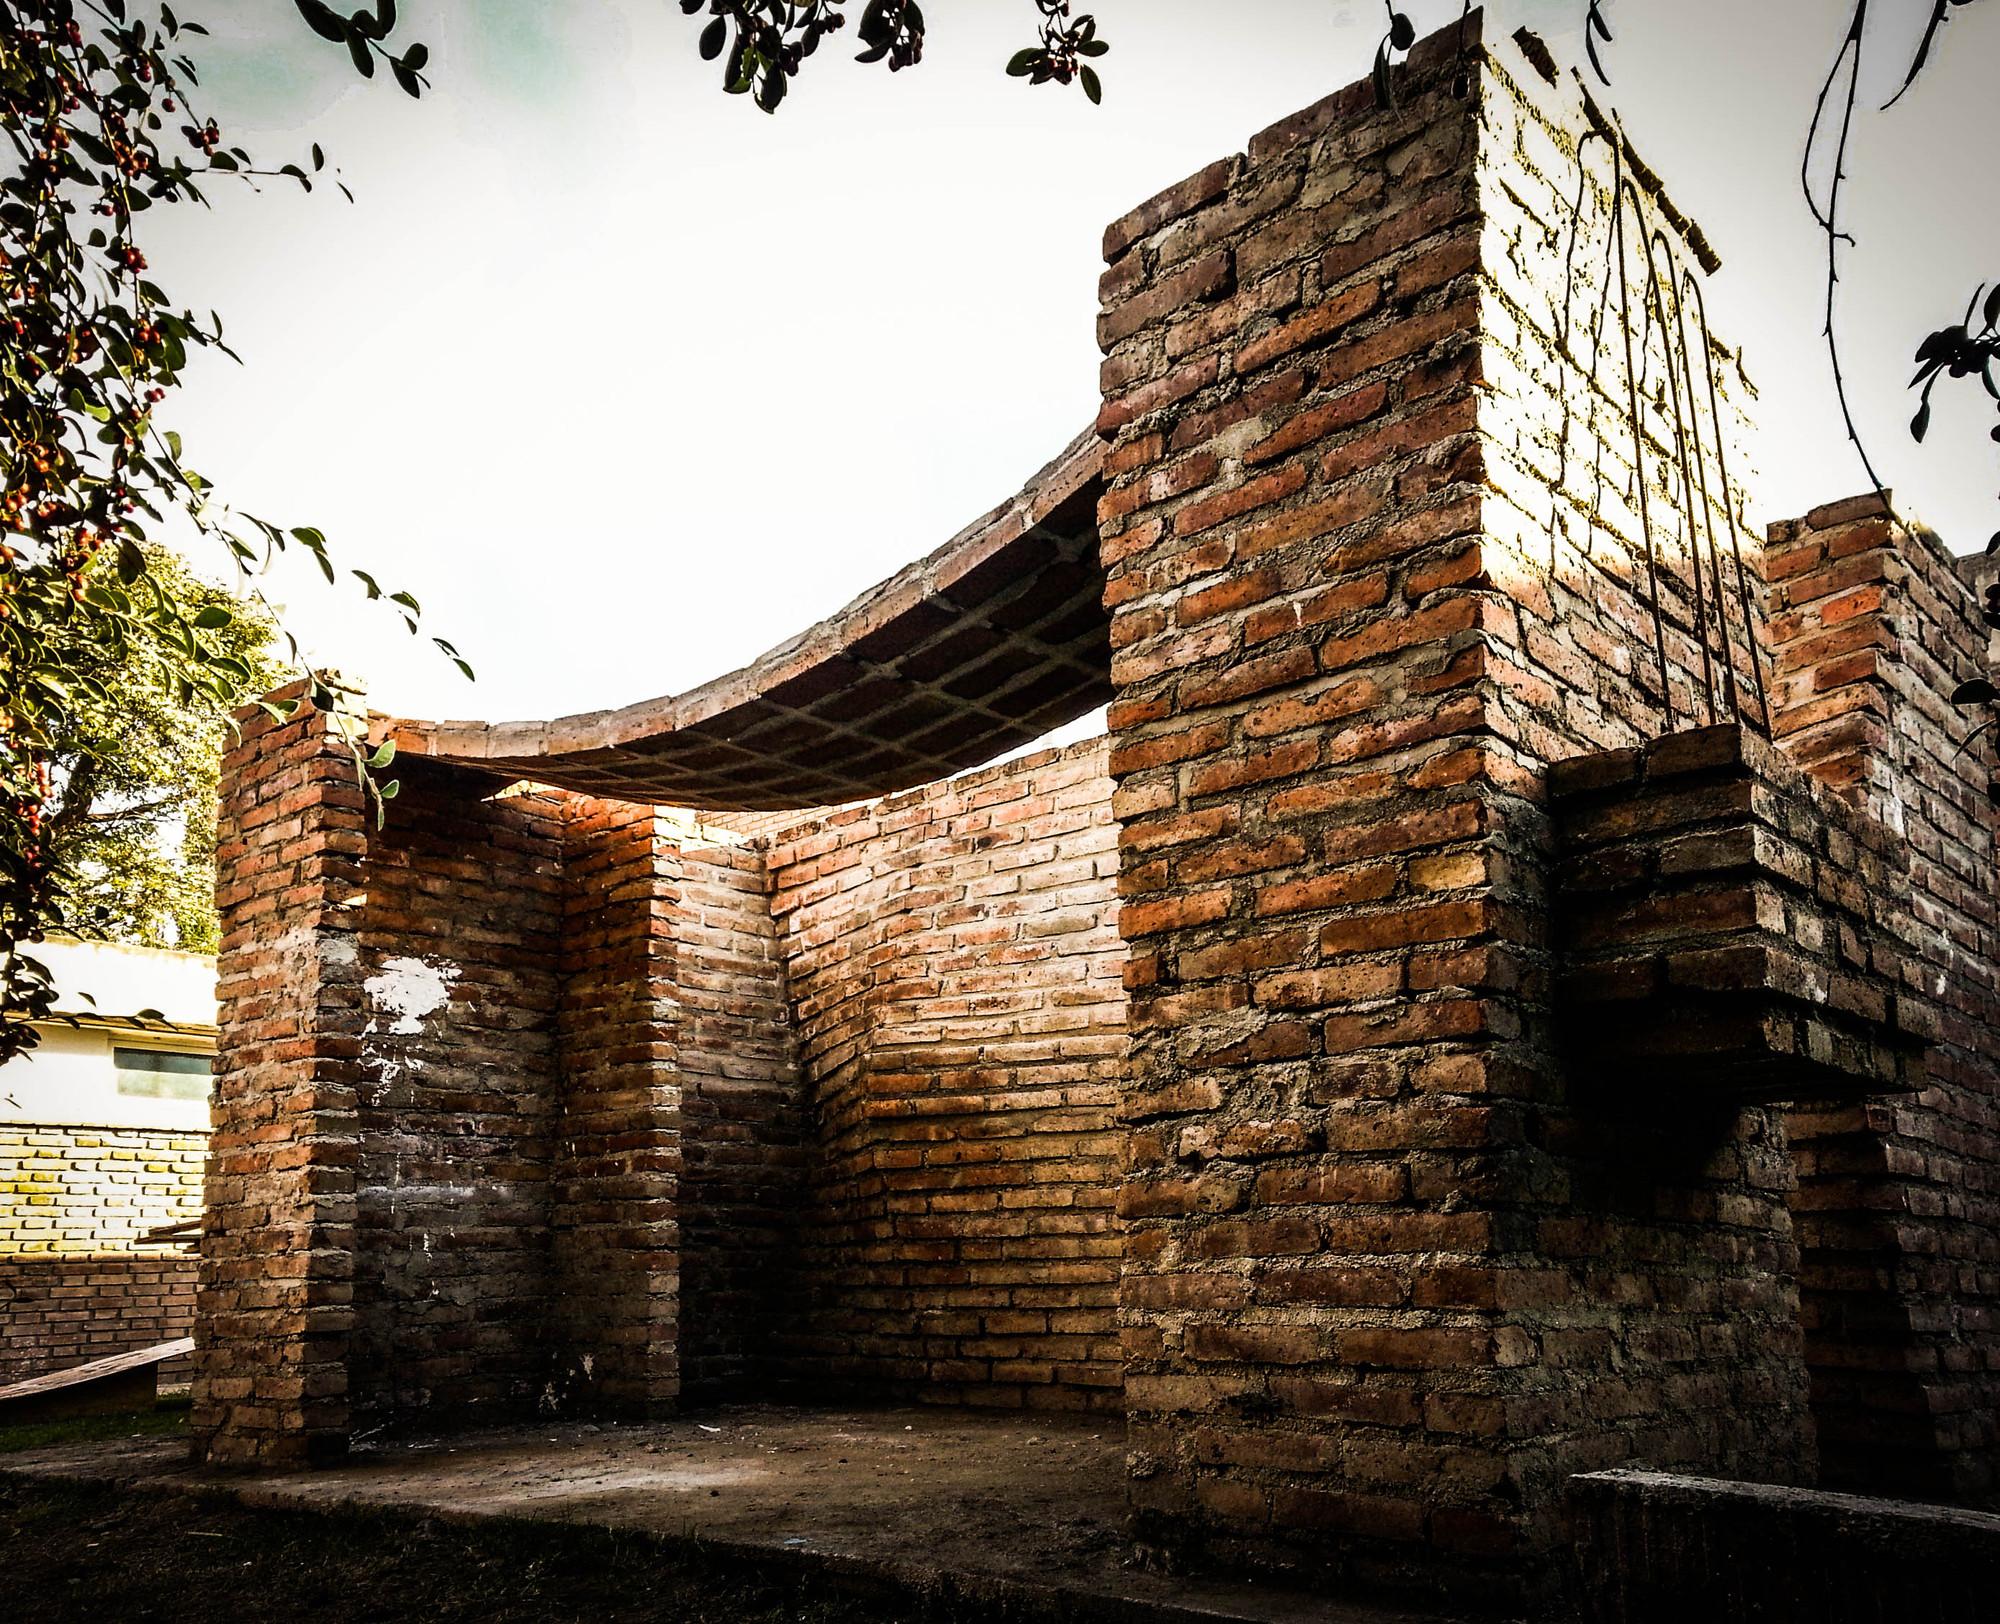 Experiencia pedagógica en Argentina: nuevas posibilidades de construcción con Ladrillo Armado, © Gonzalo Viramonte